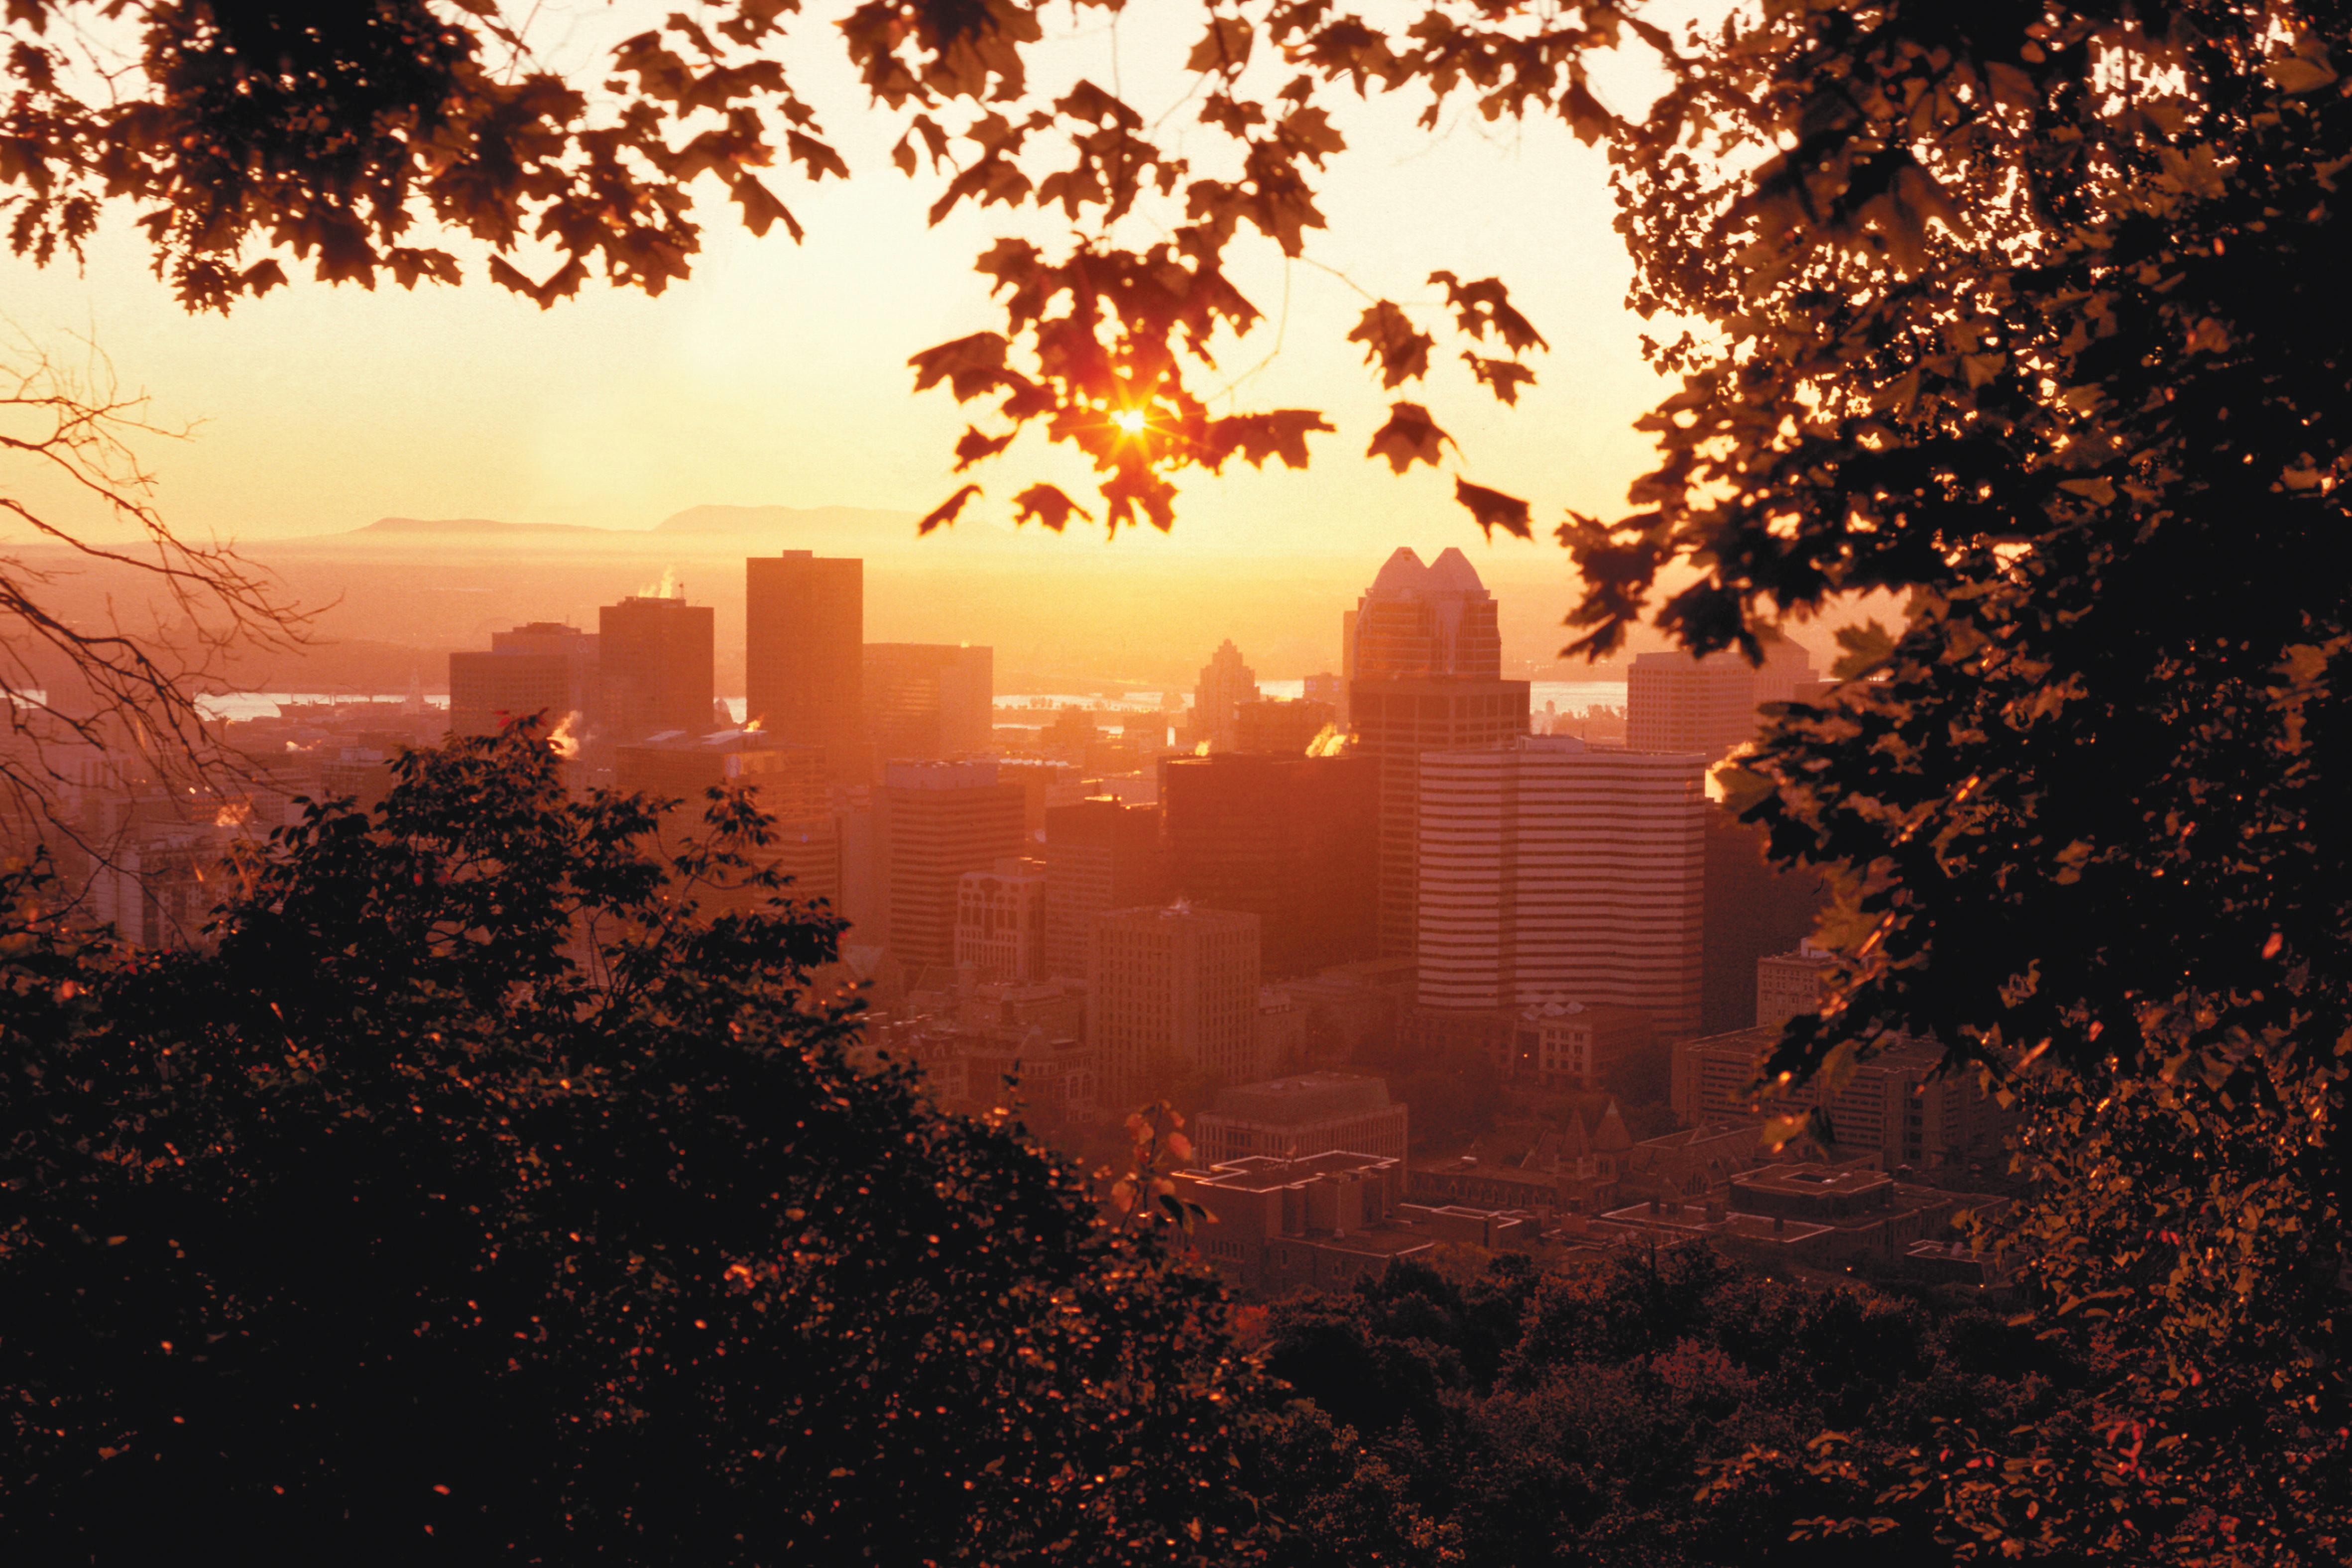 Qué ver en Montreal, modernidad o naturaleza skyline